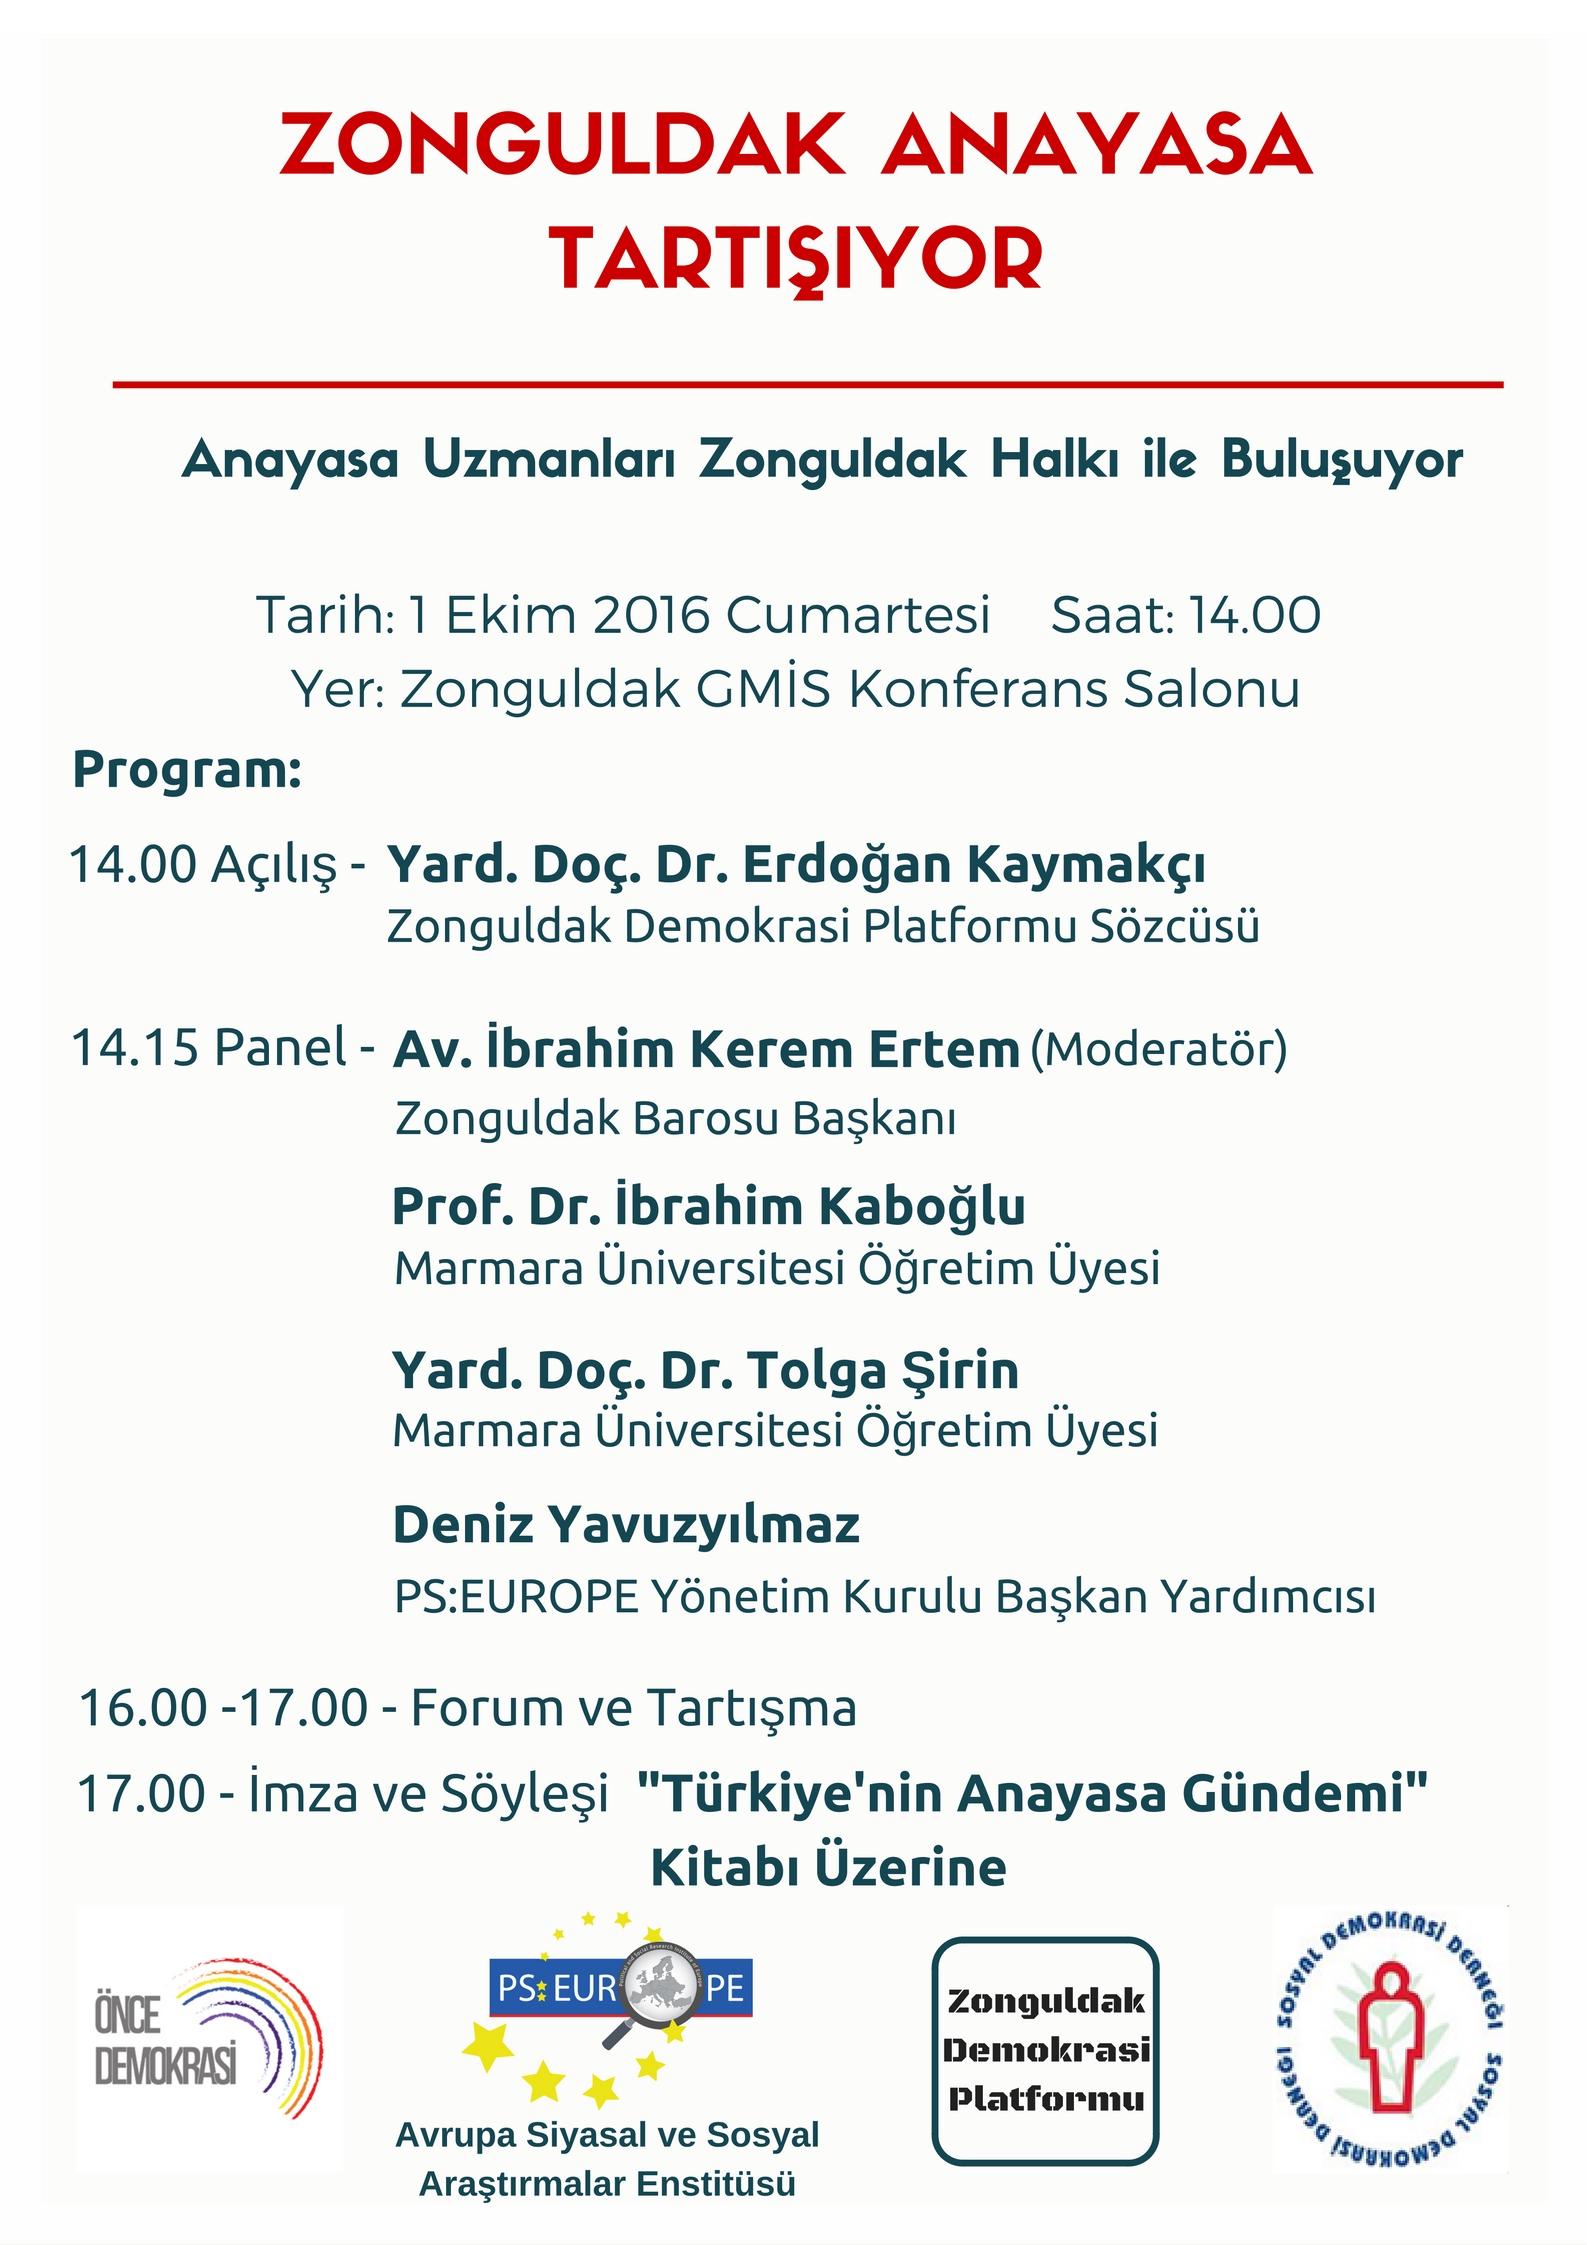 Zonguldak Anayasa Tartışıyor